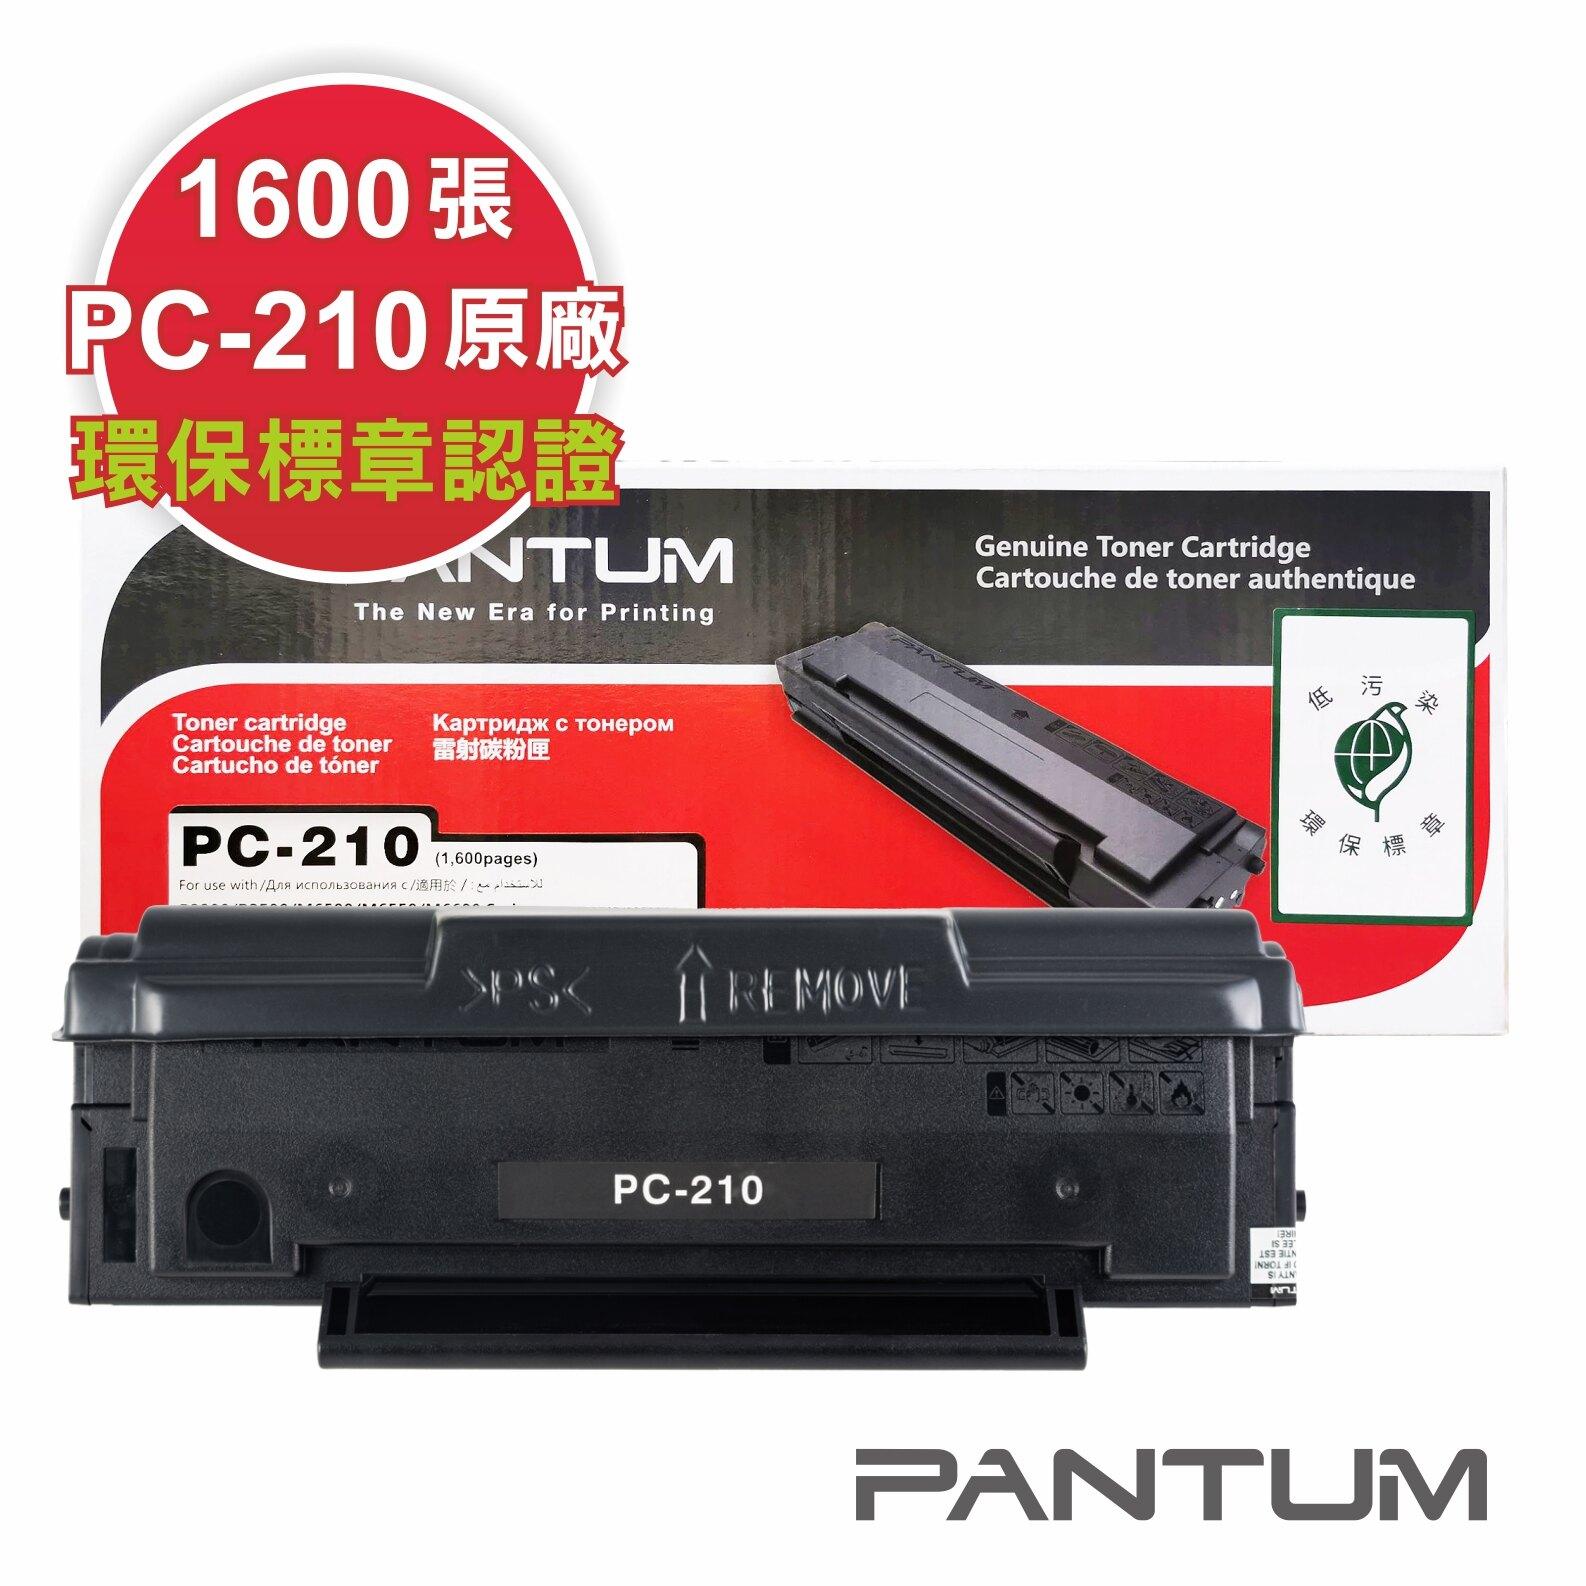 【速買通】Pantum PC-210 原廠碳粉匣P2500/M6600